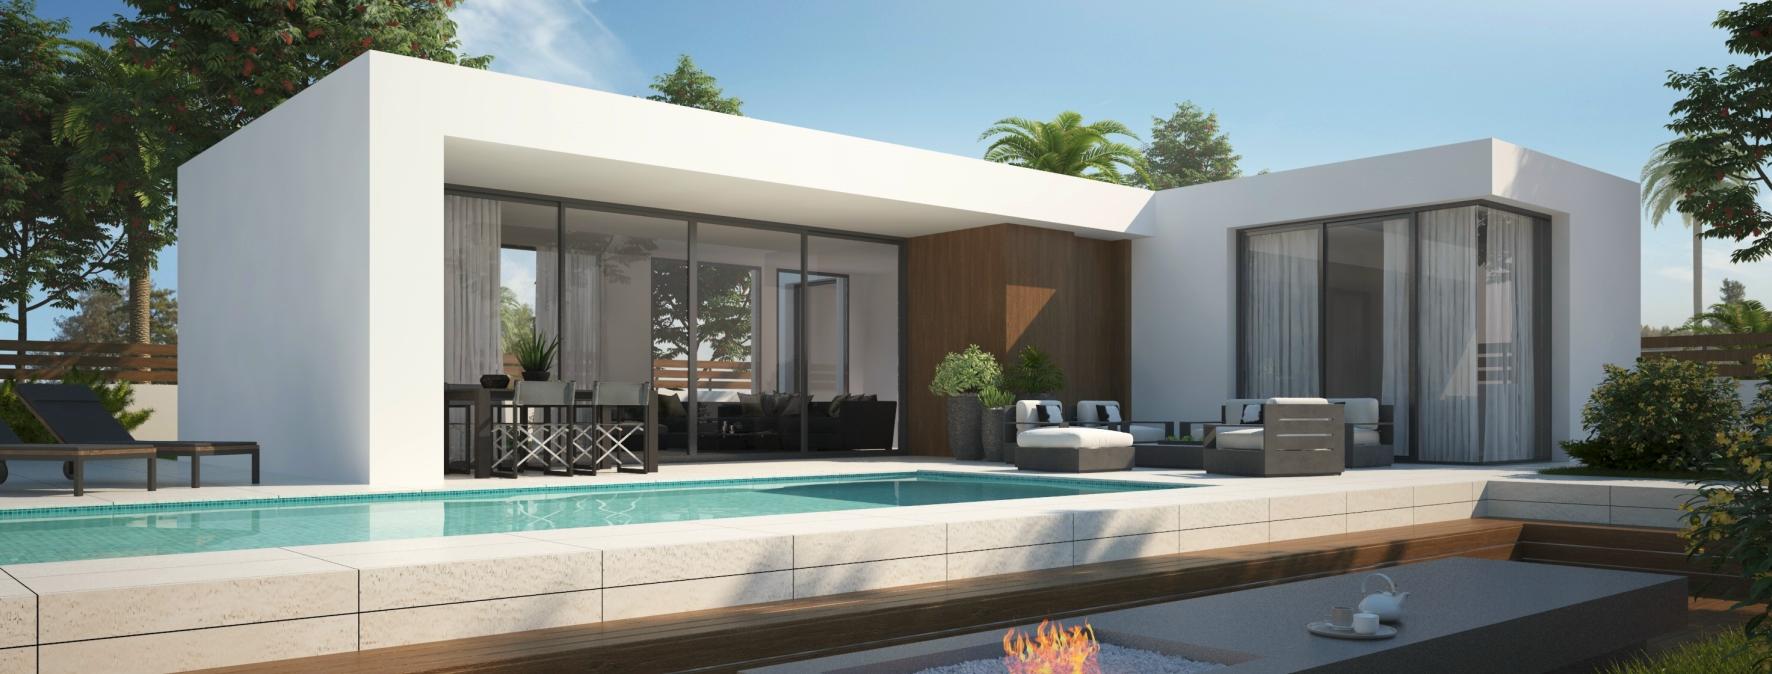 Polop villa's vanaf €315.000